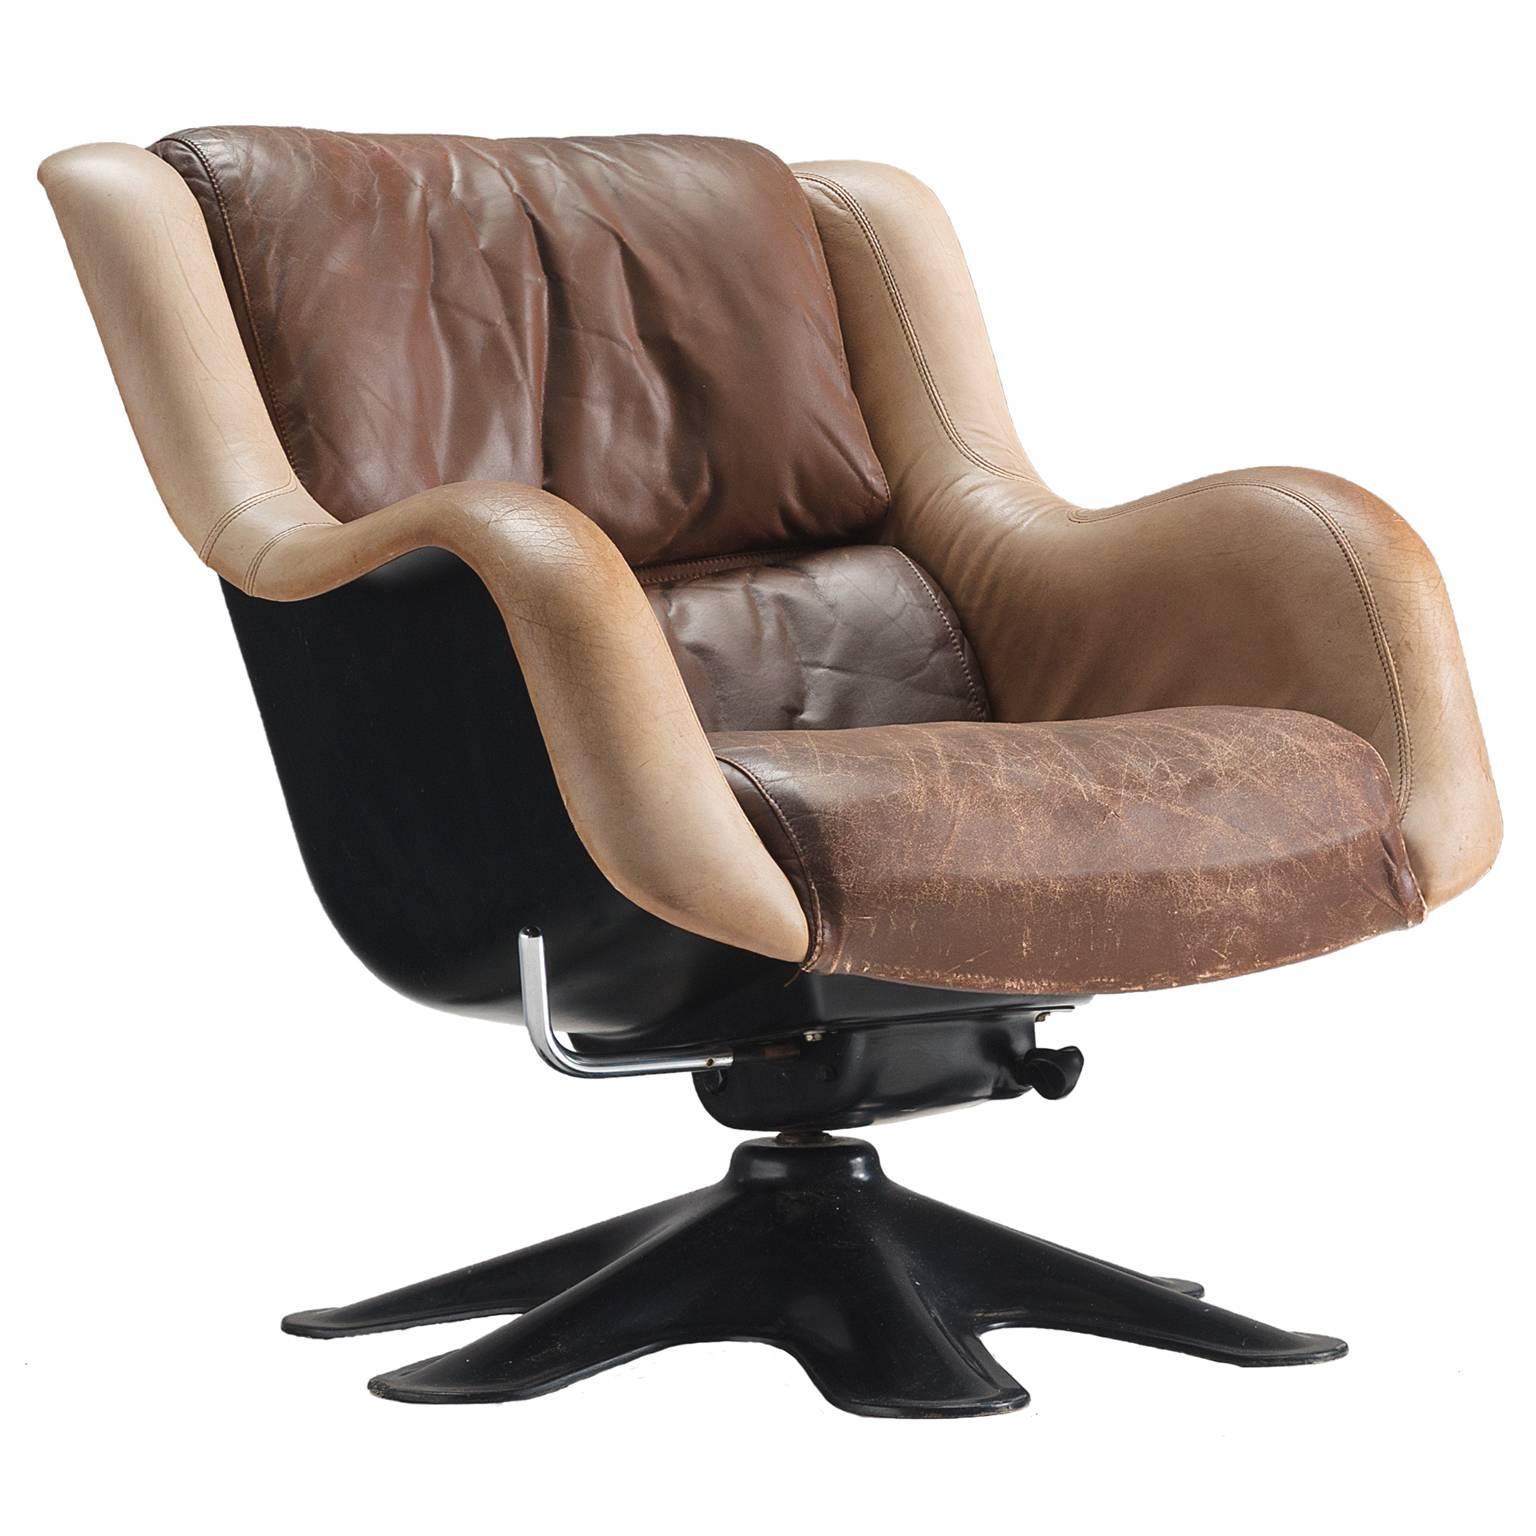 Yrjo Kukkapuro U0027Karuselliu0027 Lounge Chair In Brown Leather Upholstery ...